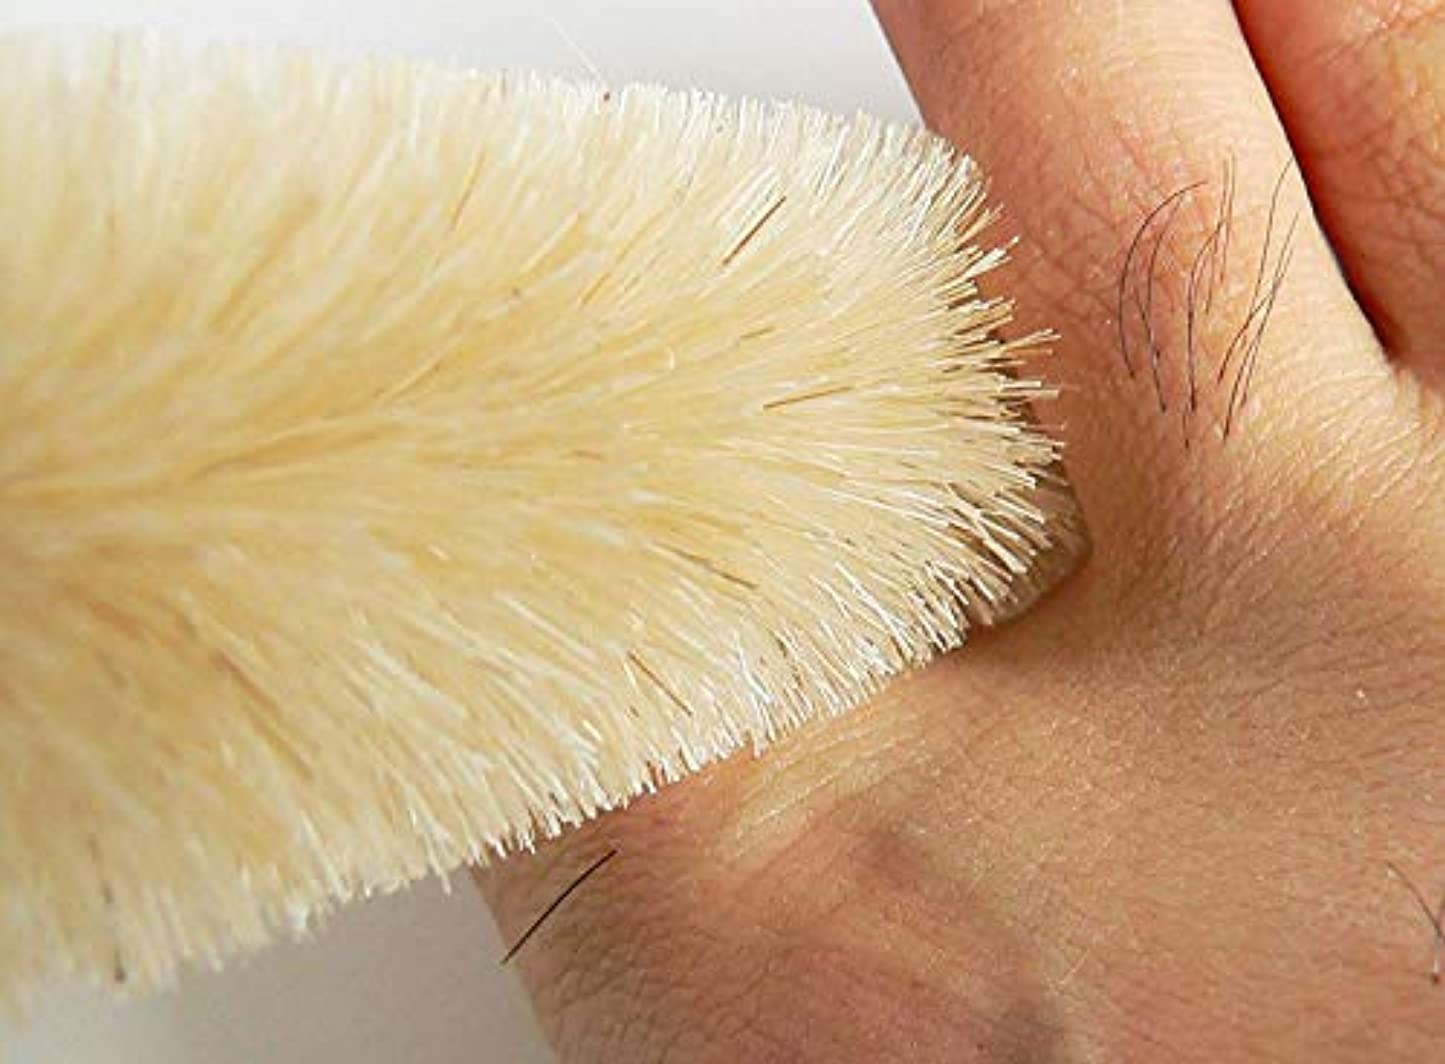 レッスンチキンカップ指の間がキレイに洗える、指間専用ブラシ 白馬毛?普通 4本セット 通称フィンガーブラシ ※水虫防止、介護などに 浅草まーぶる